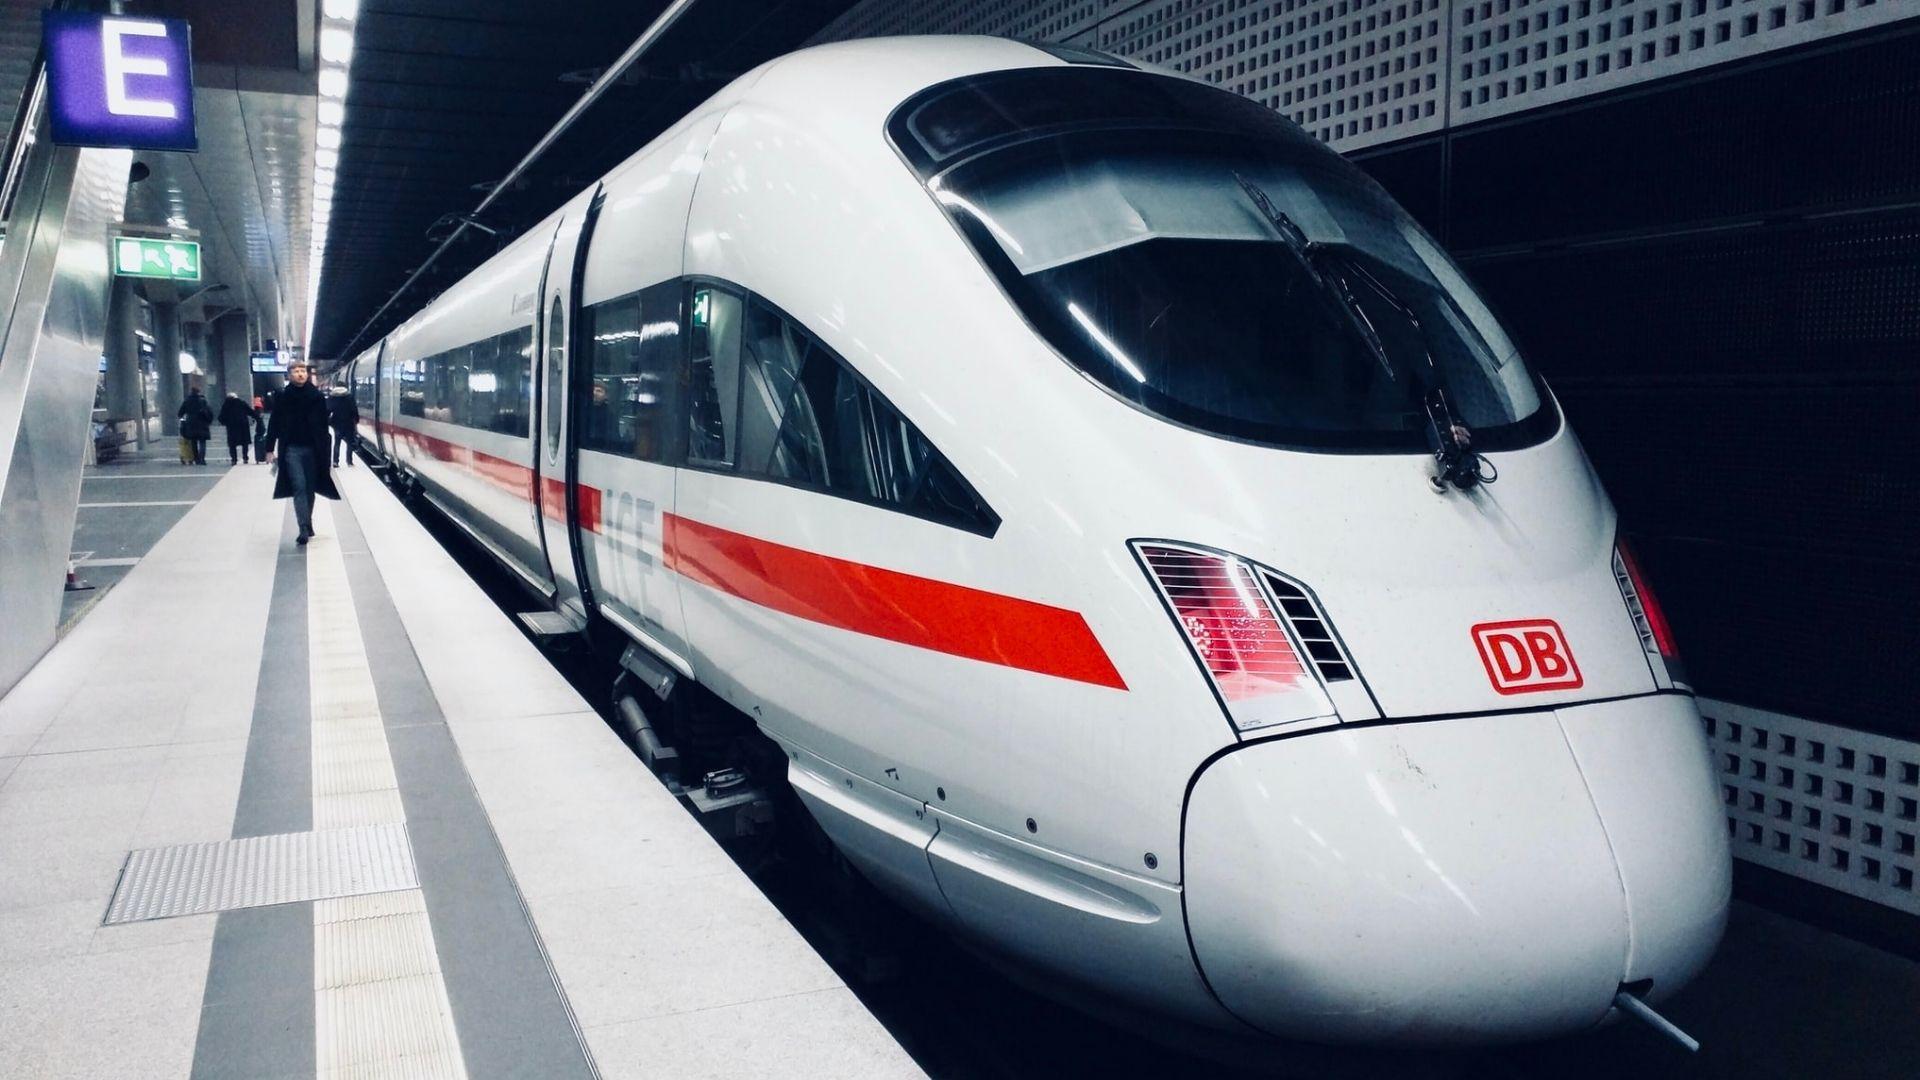 aluminium-composiet-train-transport-text